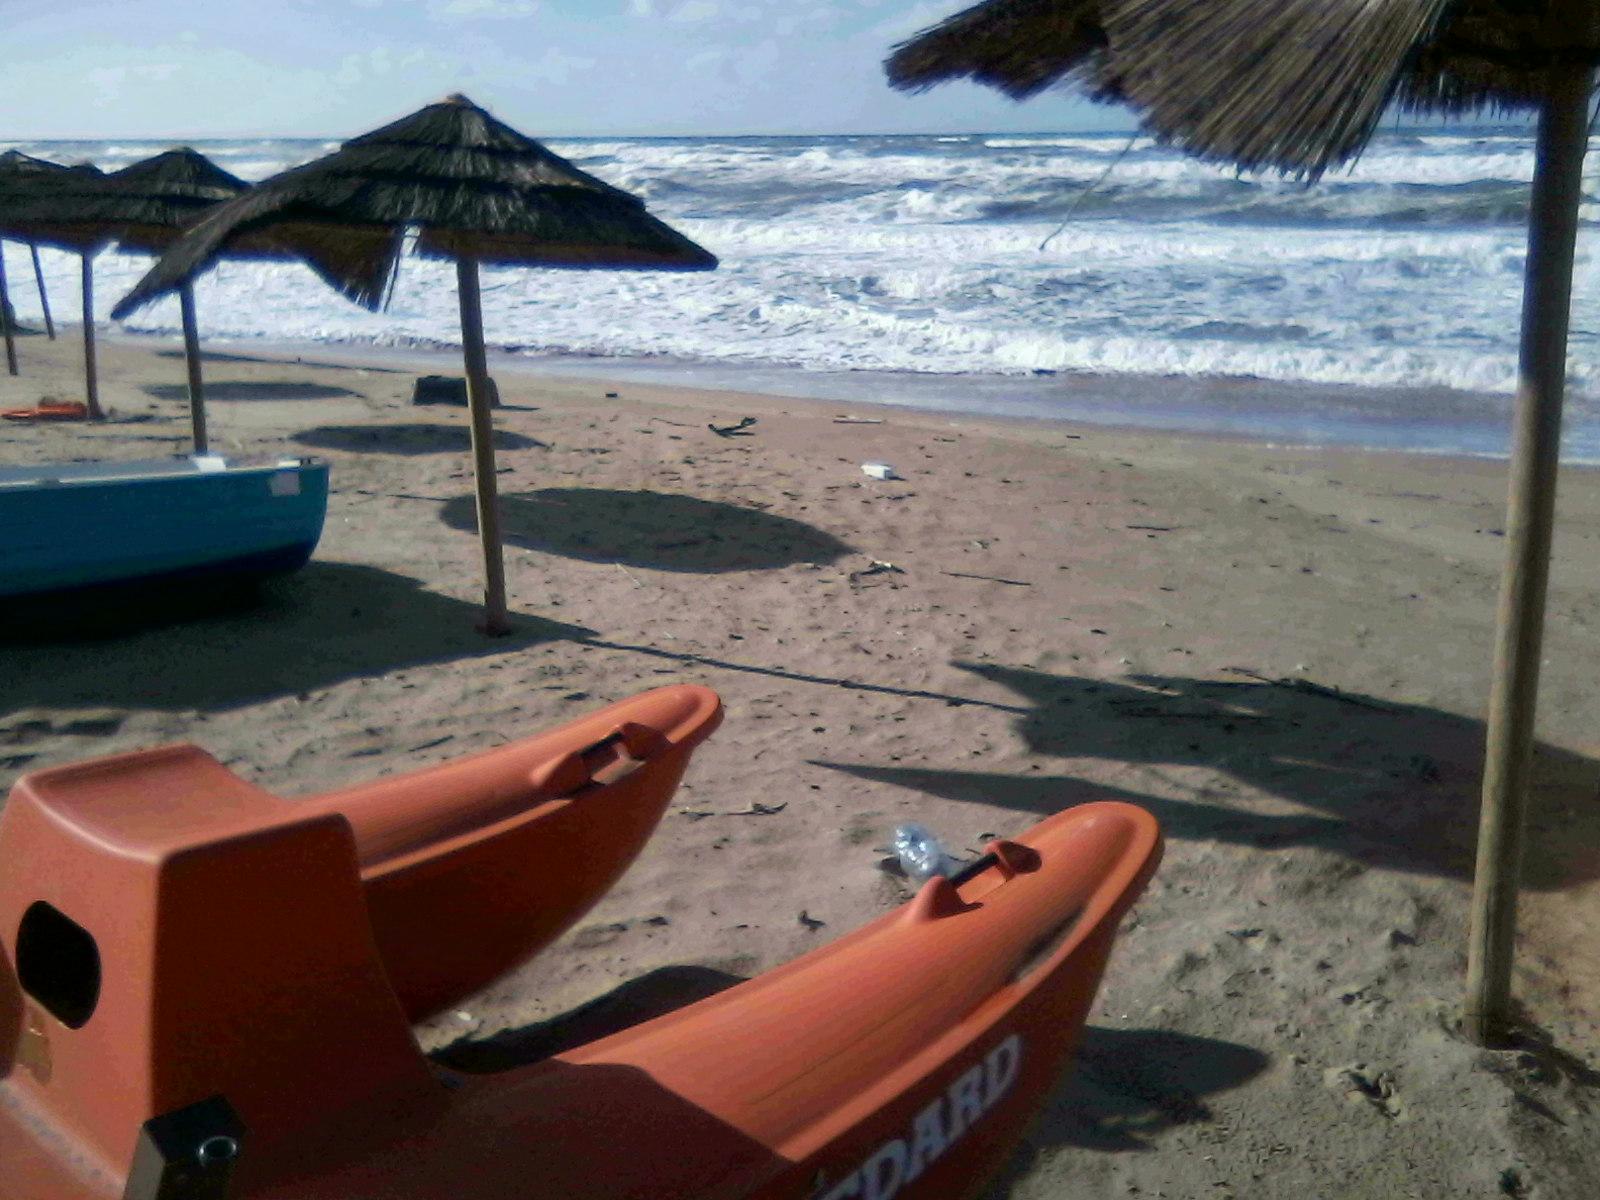 Matrimonio Spiaggia Sabaudia : Franco brugnola: sabaudia: stessa spiaggia stesso mareu2026e stesso pua !